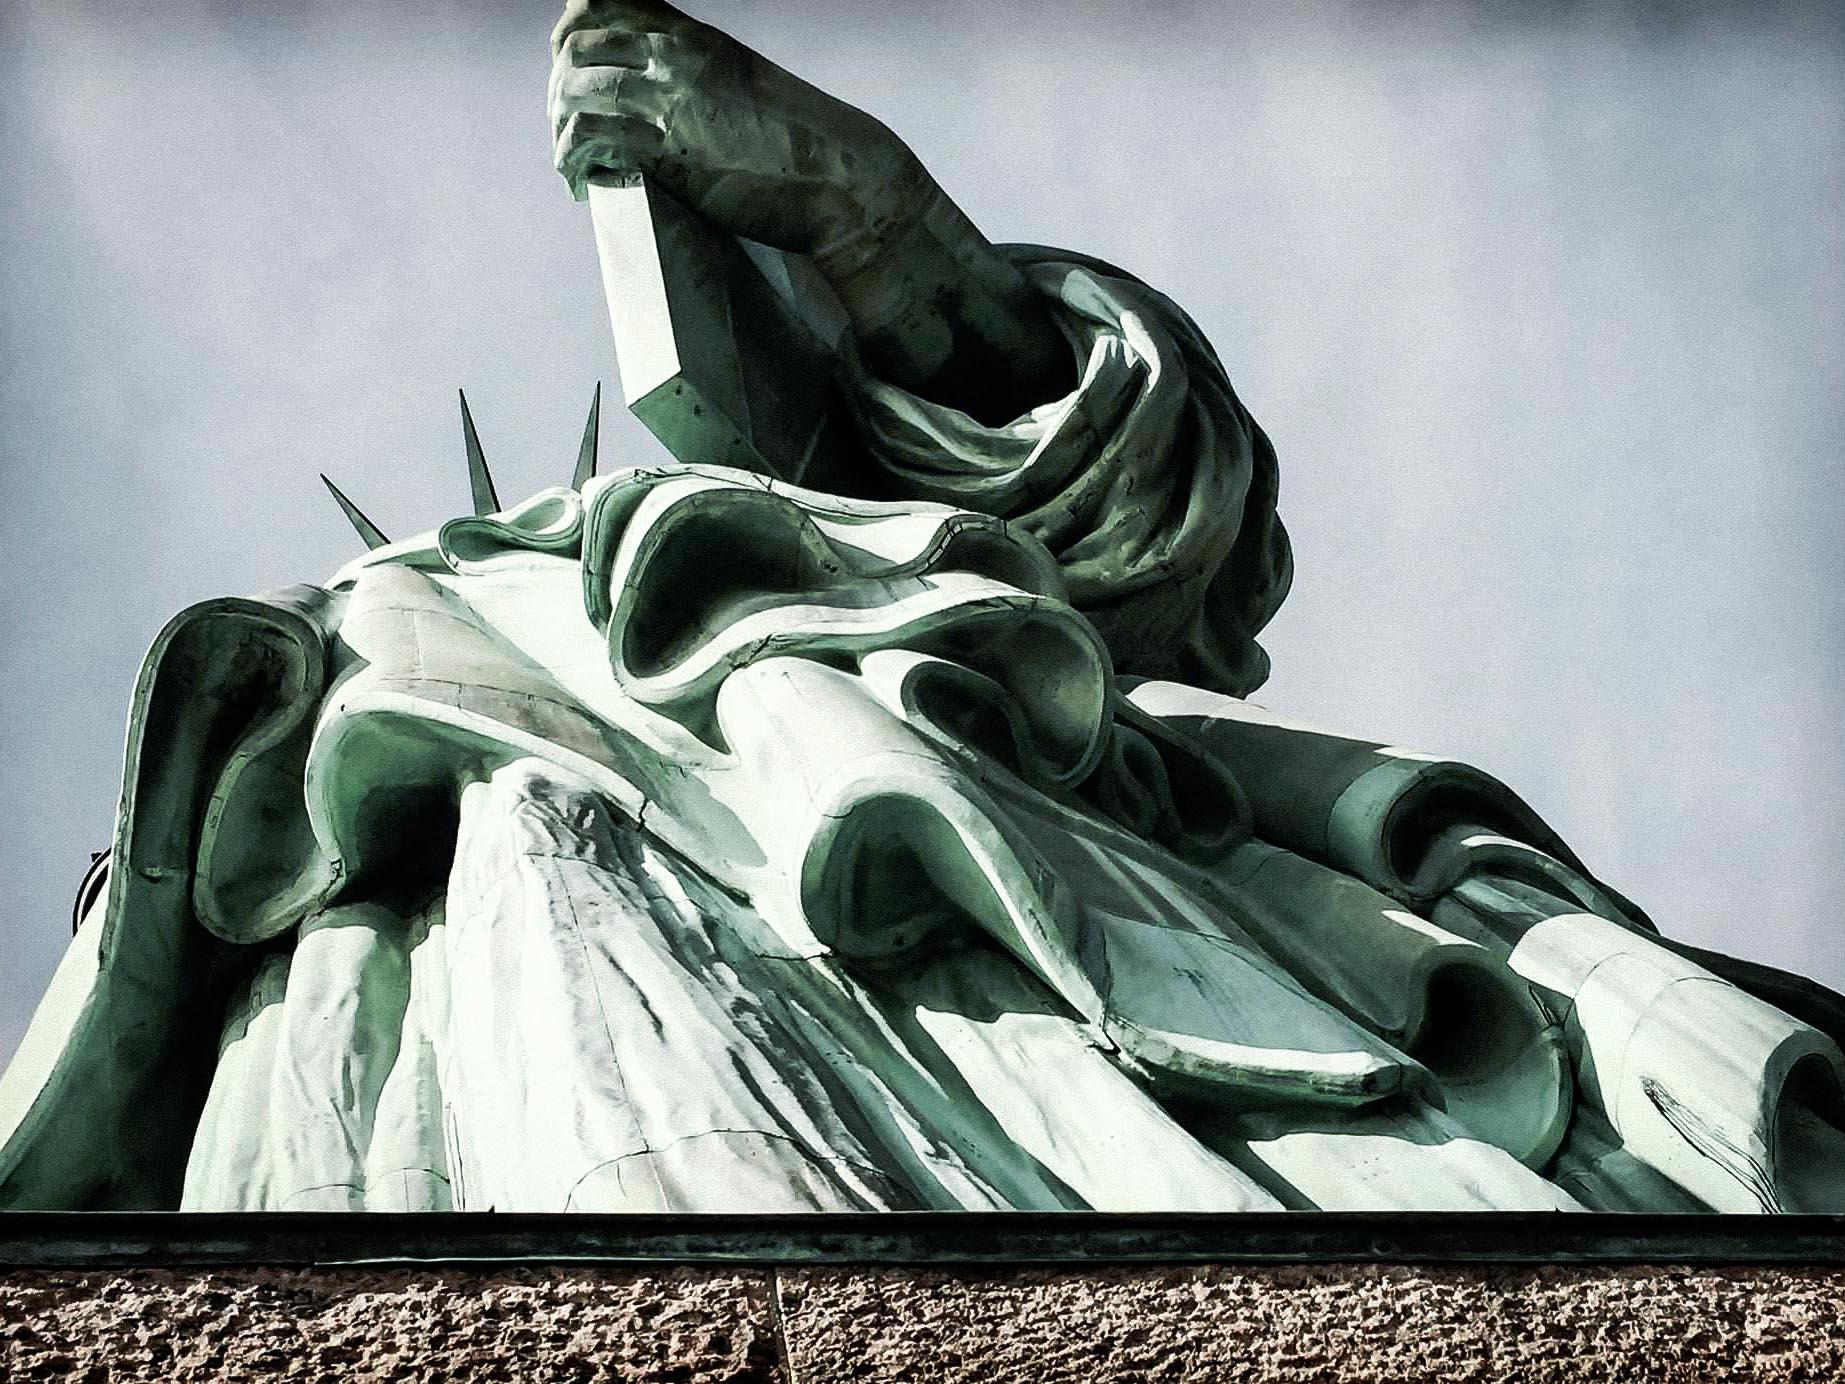 Statue of Liberty Copper Exterior